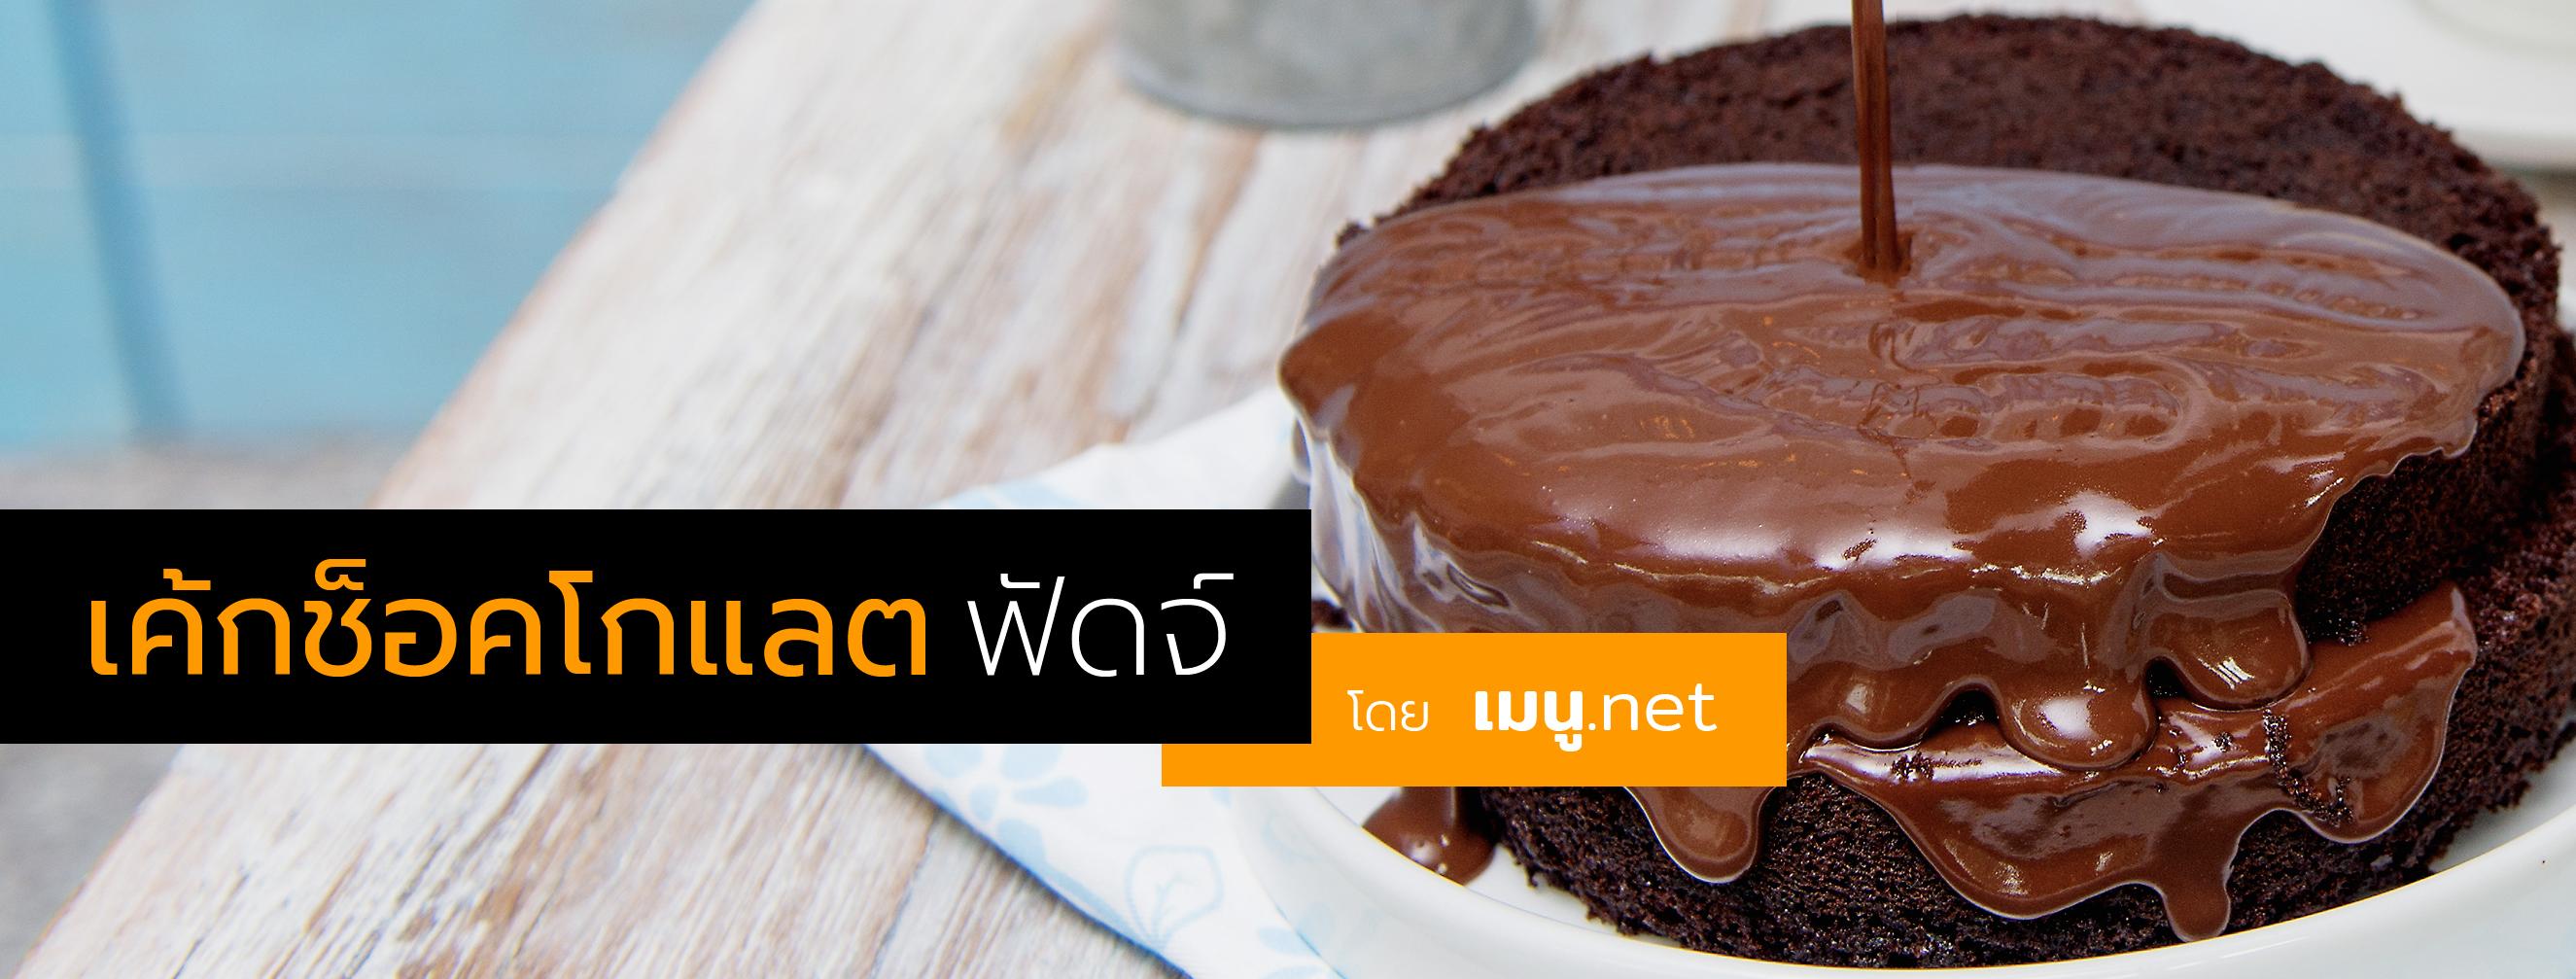 เค้กช็อคโกแลตฟัดจ์